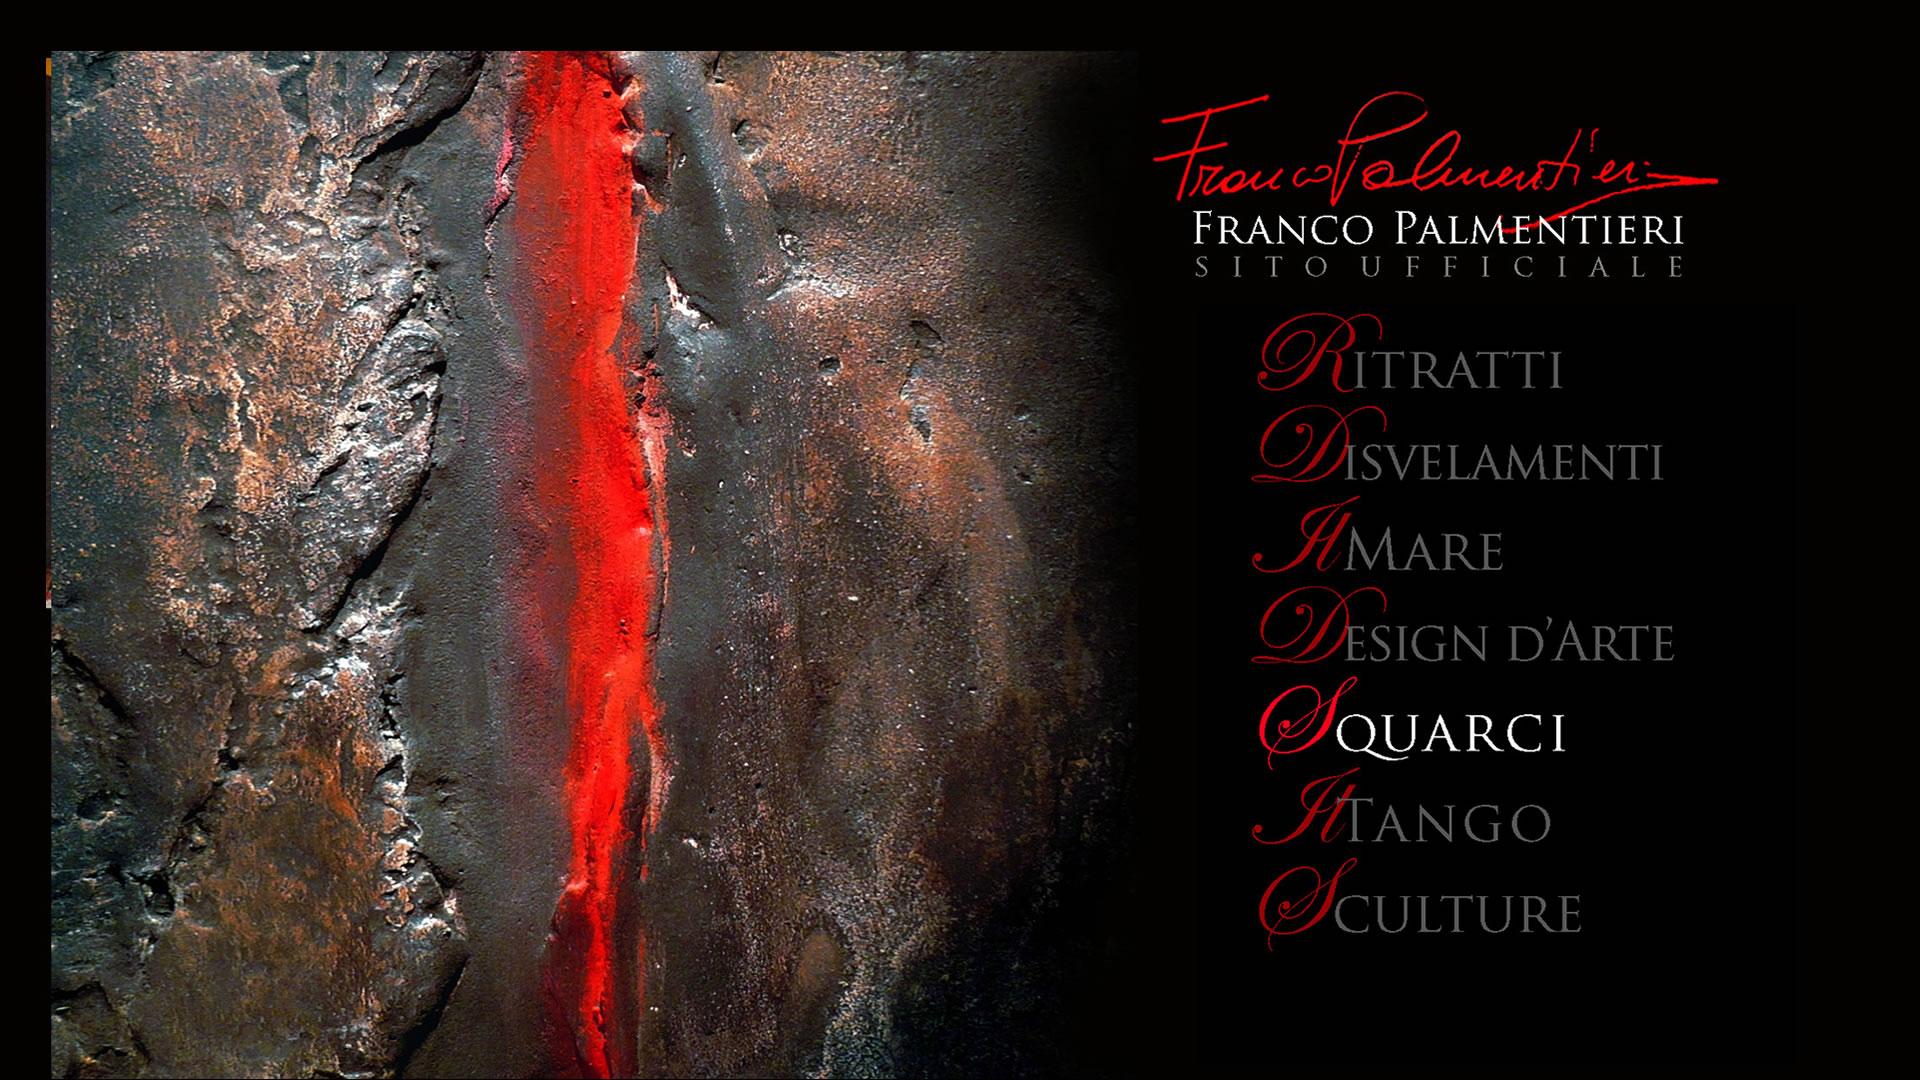 Squarci - Franco Palmentieri